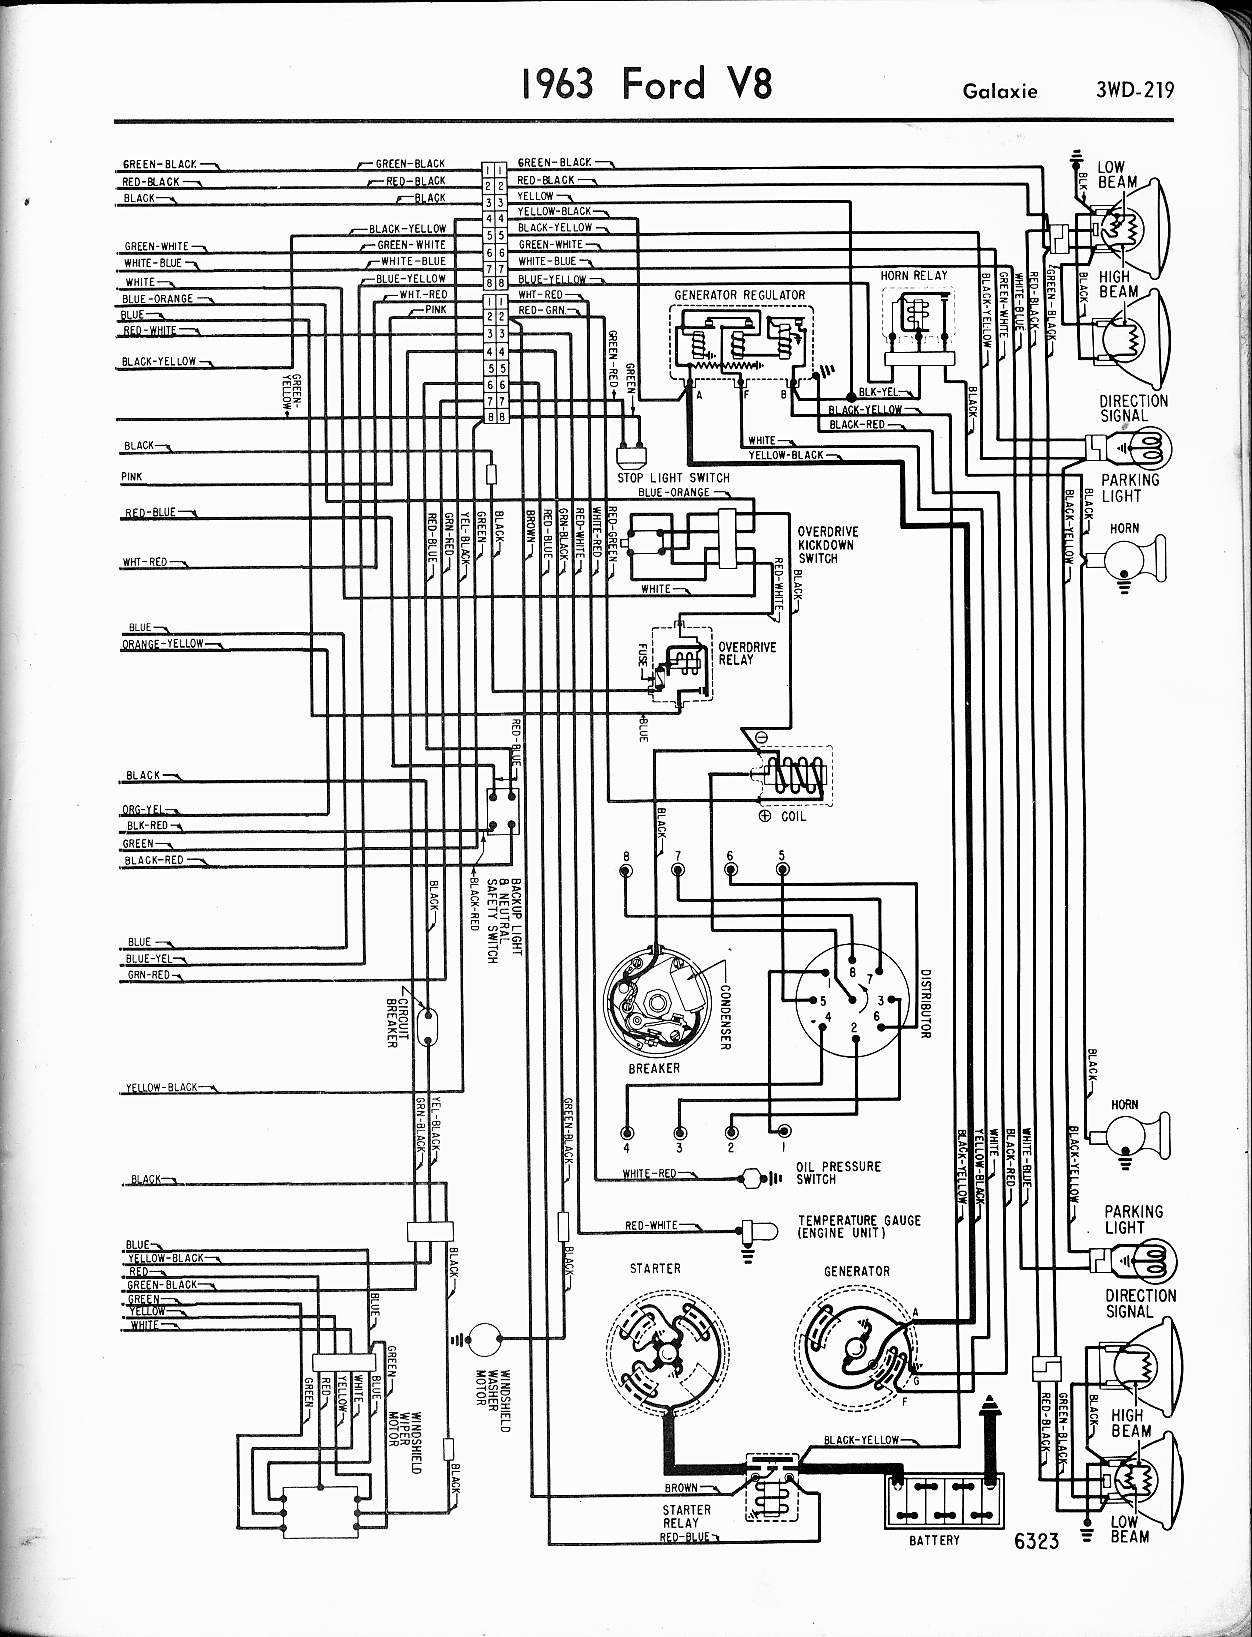 2001 duramax wiring diagram